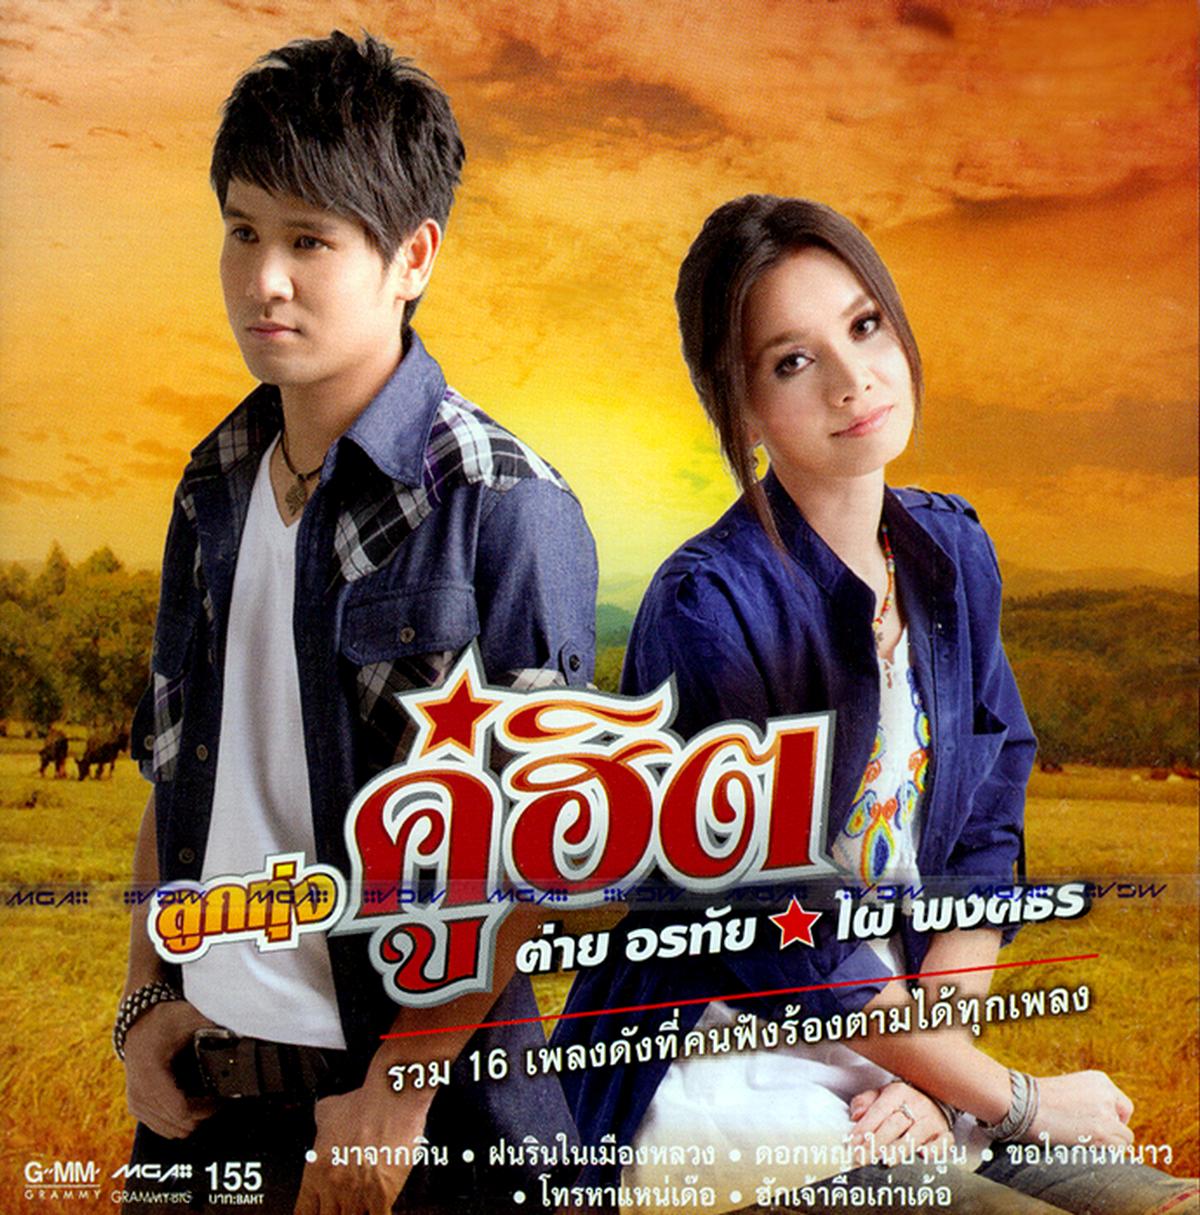 Download [Mp3]-ลูกทุ่งคู่ฮิต ต่าย อรทัย และ ไผ่ พงศธร รวม 16 เพลงดังที่คนฟังร้องตามได้ทุกเพลง ค่าย GMM 320 Kbit/s [Shared.com] 4shared By Pleng-mun.com